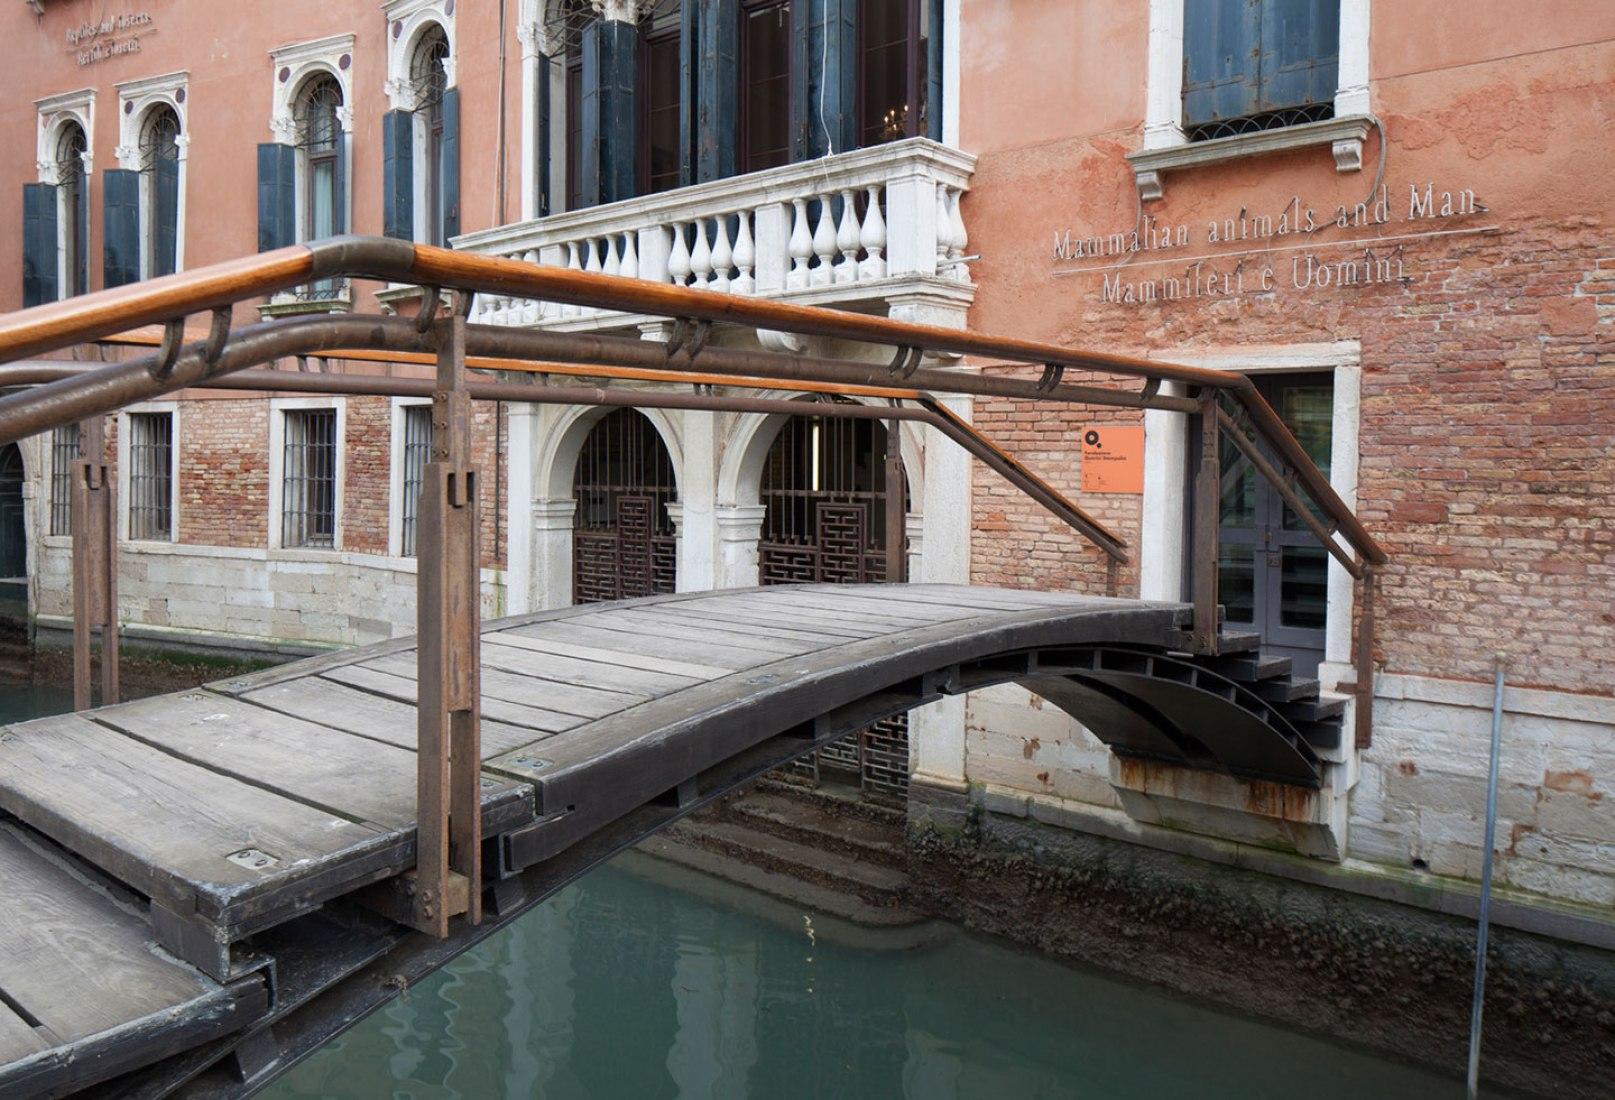 Palazzo Querini Stampalia by Carlo Scarpa, 1961-1963. Courtesy of Fondazione Querini Stampalia